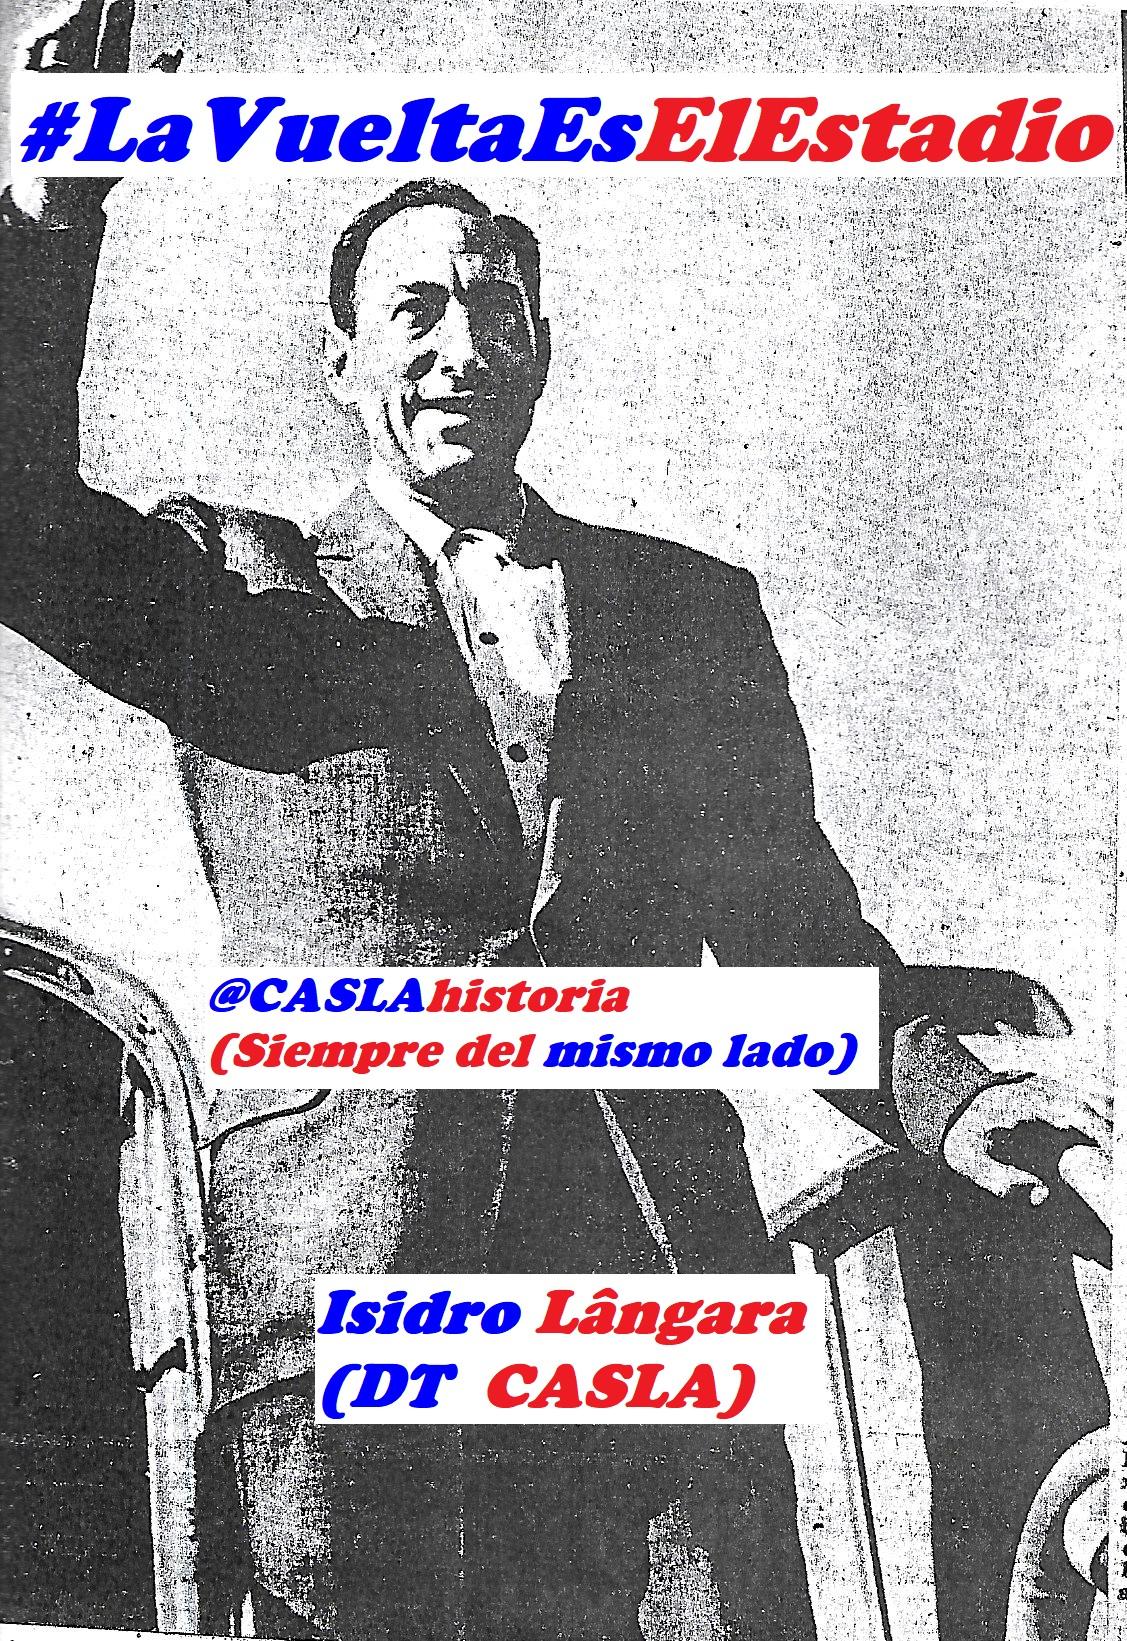 Programa N° 968.»Los Mejores Carnavales, Langara DT, 5 al globo y La querida negra».